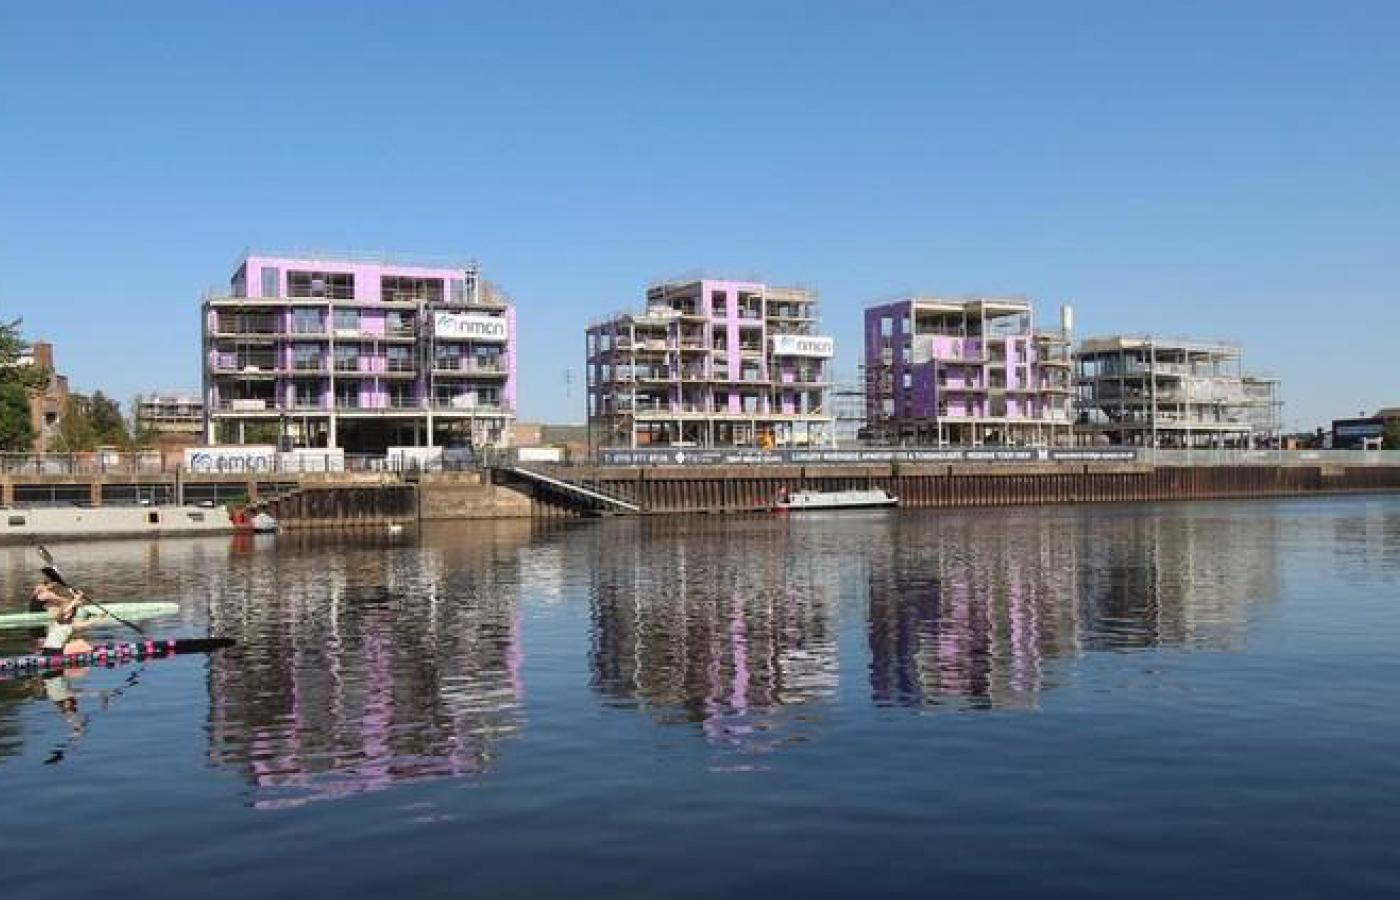 luxury apartment nottingham trent bridge quays under construction